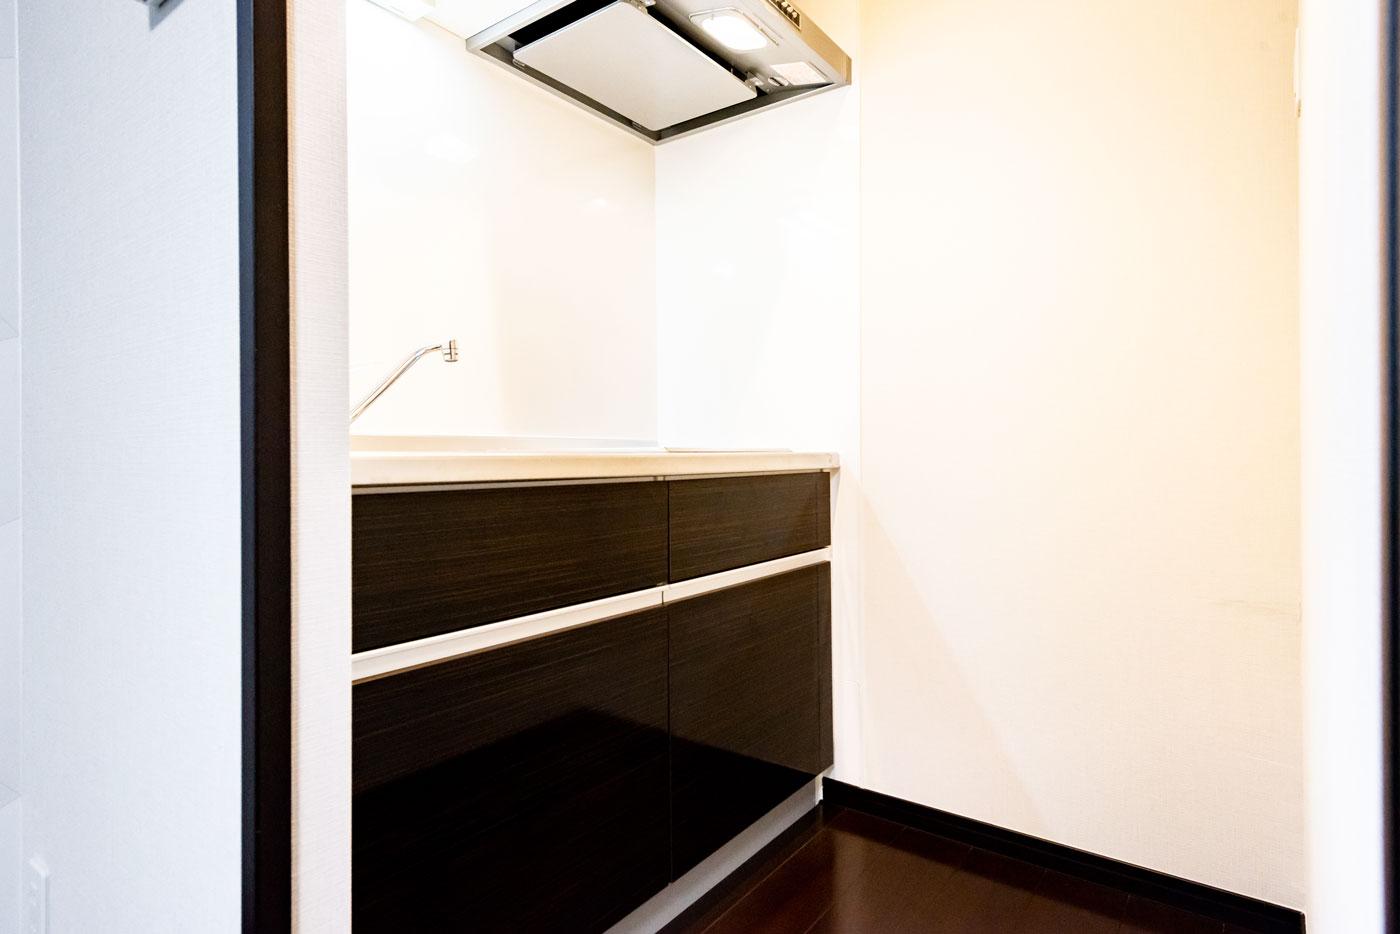 301-5 キッチン(1階3階Aタイプ共通)